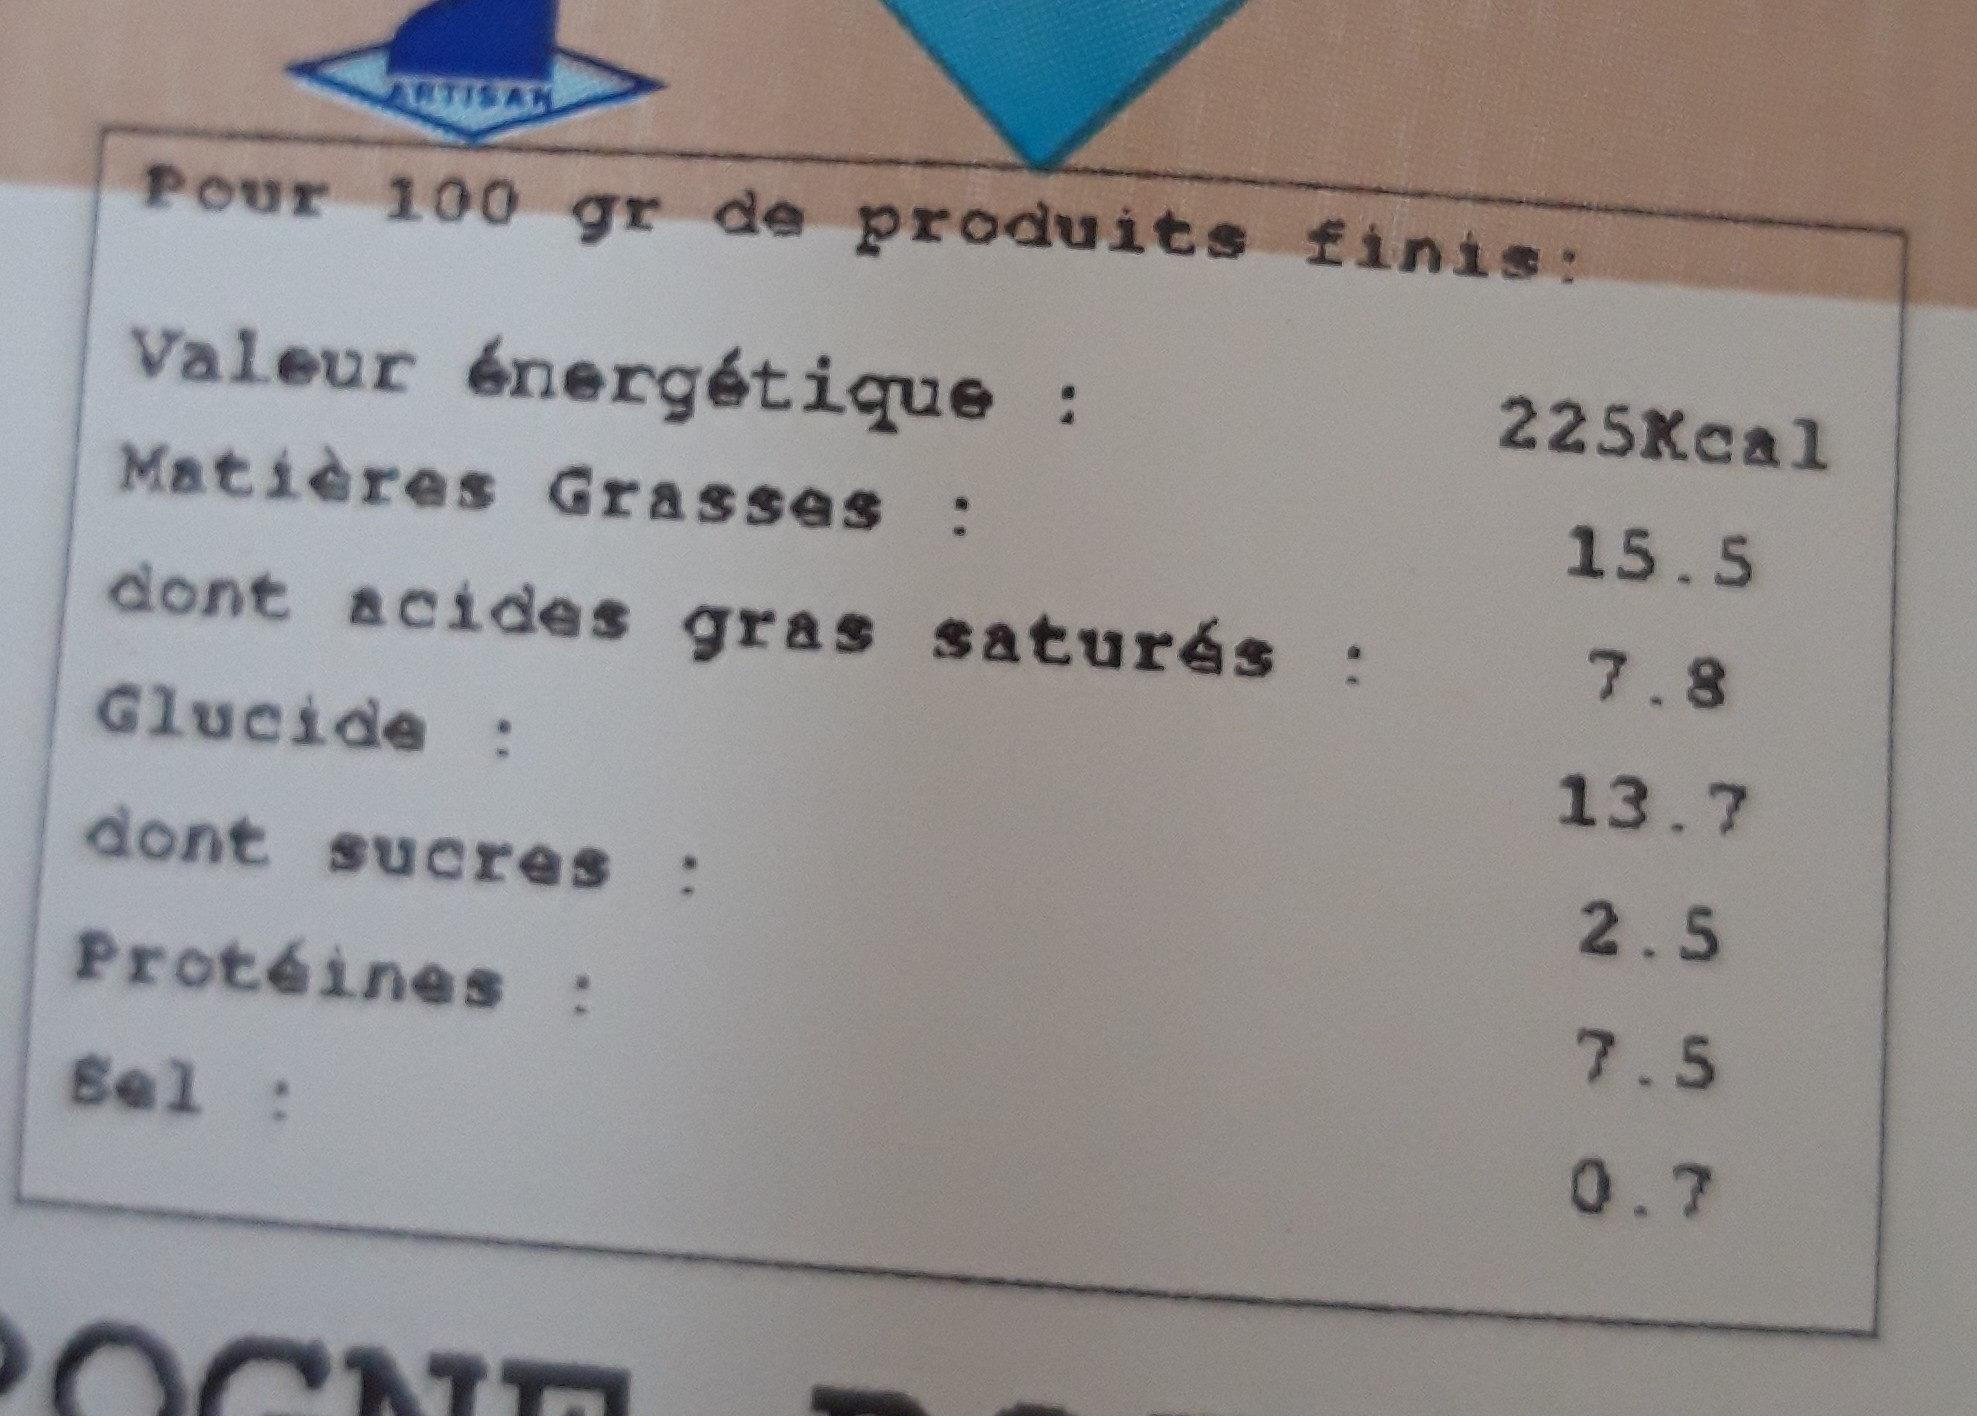 en ligne poireaux Bleu du Vercors Sassenage - Nutrition facts - fr